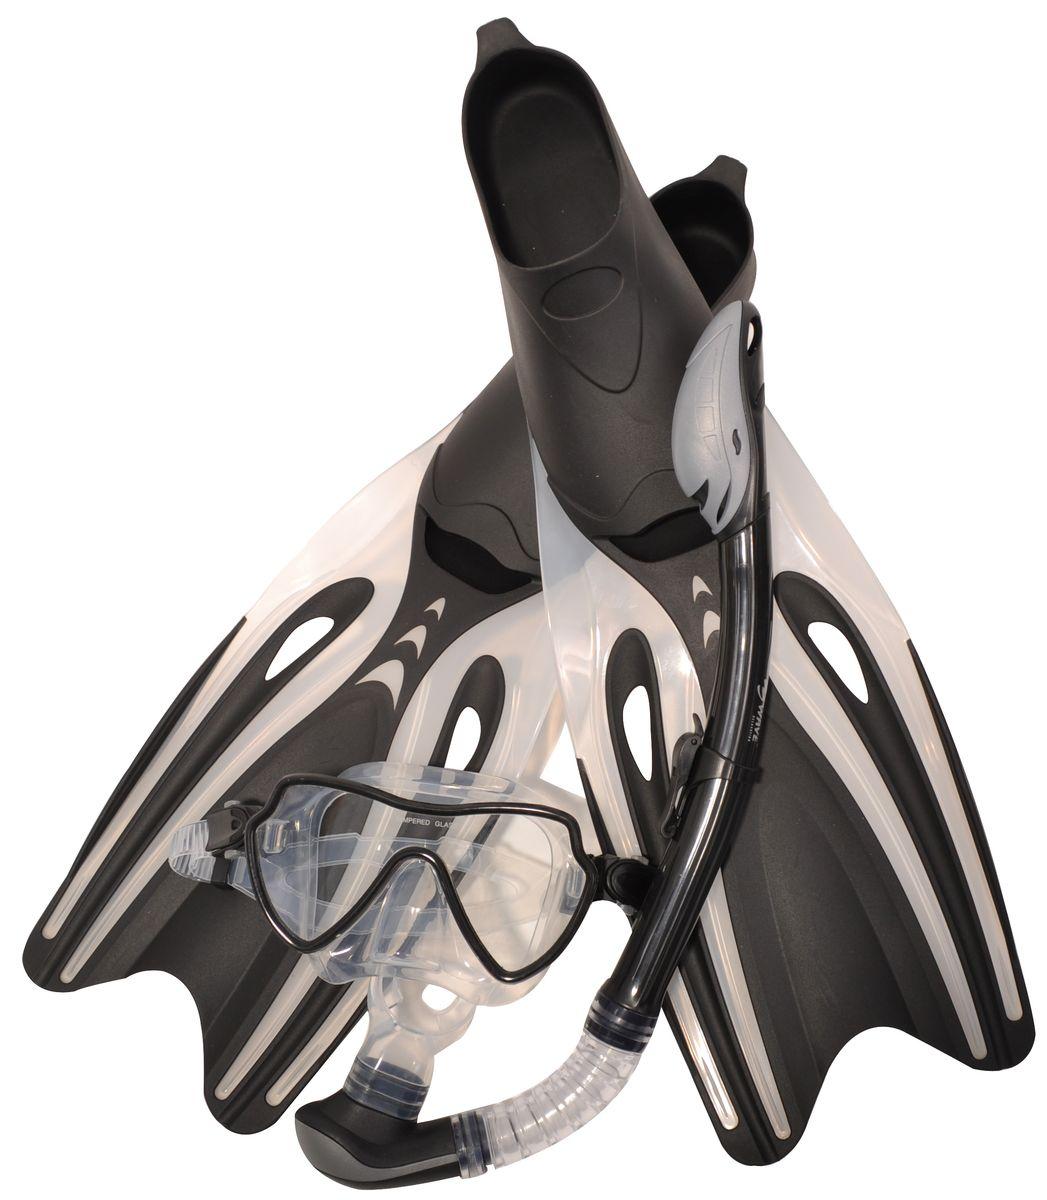 Комплект для плавания WAVE: маска, трубка, ласты, цвет: черый,серый. Размер 39-41. MSF-1390S65F69MSF-1390S65F69_(39-41)Комплект для плавания WAVE - профессиональная линия В комплект для плавания входят: маска, трубка, ласты). Размер 39-41Маска: классический дизайн, широкий угол обзора. Линзы из закаленного стекла. Обтюратор маски из гипоалергенного силикона, препятствует проникновению воды внутрь маски. Регулируемый силиконовый ремешок, препятствует скольжениюТрубка: мягкий эластичный силиконовый загубник закреплен под идеальным углом. Силиконовый клапан для продувки трубки от воды Ласты с закрытой пяткой: сверхлегкий вес увеличивает эффективность гребка. Дренажные отверстия уменьшают сопротивление. Улучшенная форма калоши обеспечивает комфорт для любой ноги. Выполнены из высококачественного термопластичного эластомера (ТРЕ). Срок службы гораздо дольше чем у резины. Длина трубки: 44 см.